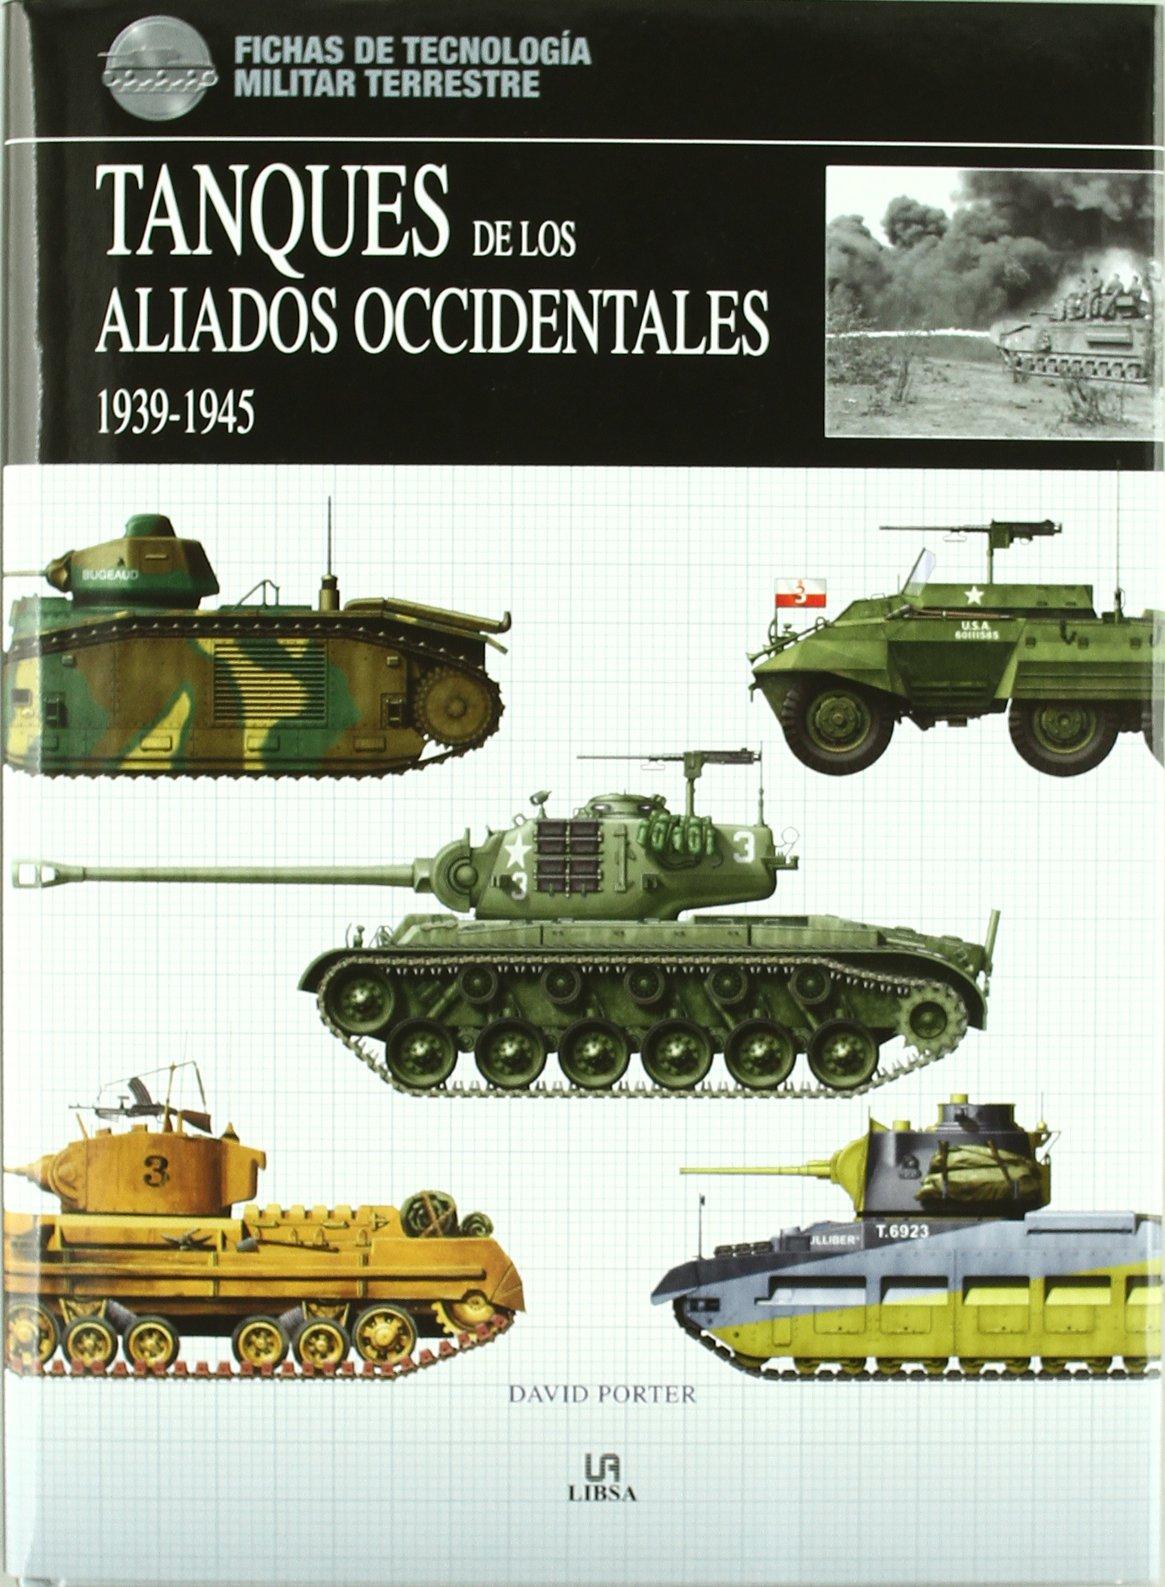 Tanques de los Aliados Occidentales 1939-1945 (Fichas de Tecnología Militar) Tapa dura – 22 abr 2011 David Porter Inés Martín Libsa 8466223622